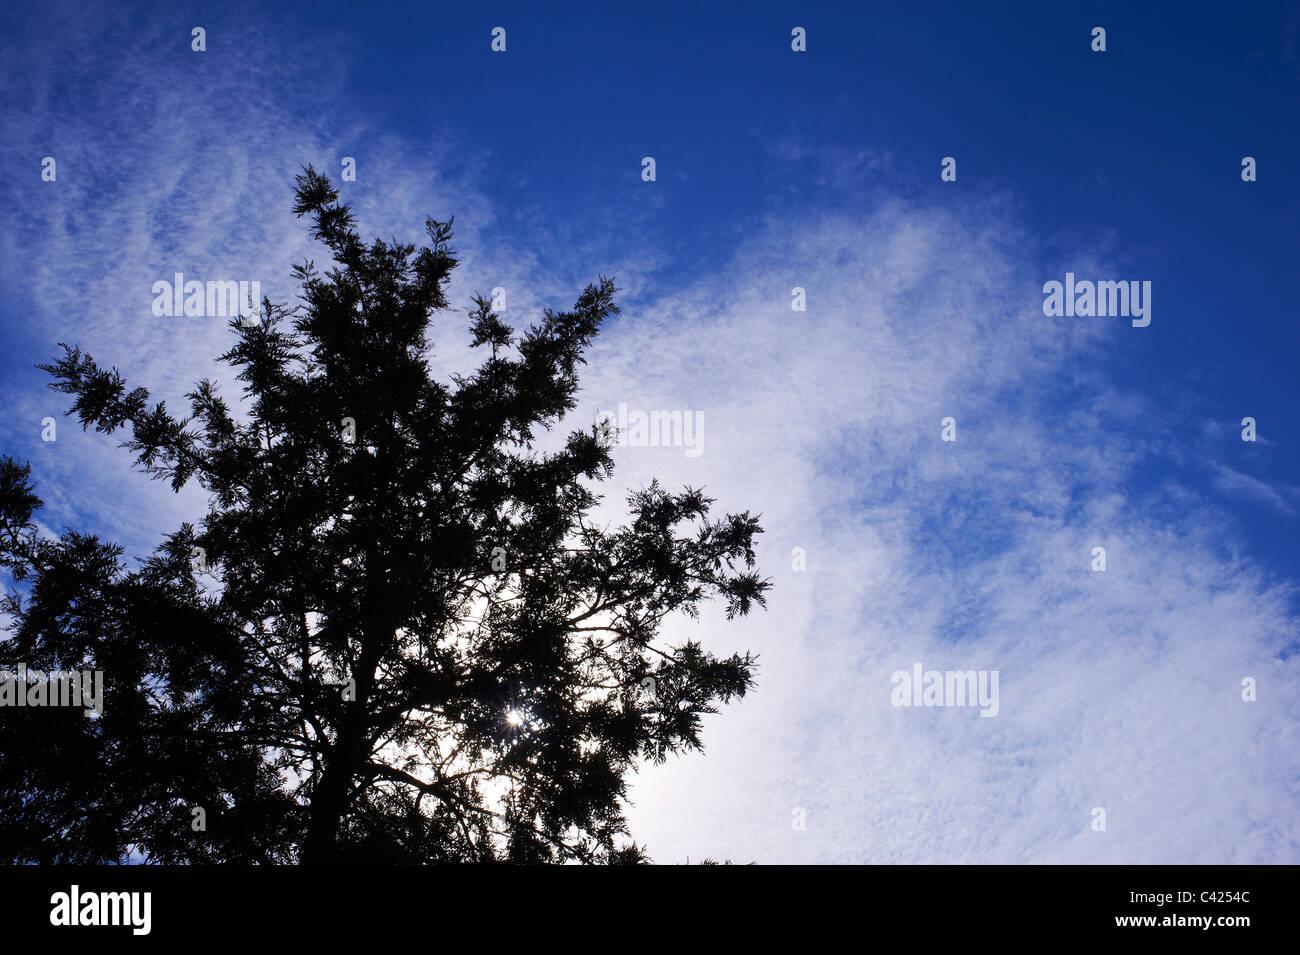 Arbre généalogique silhouetté contre blue cloudy sky Photo Stock